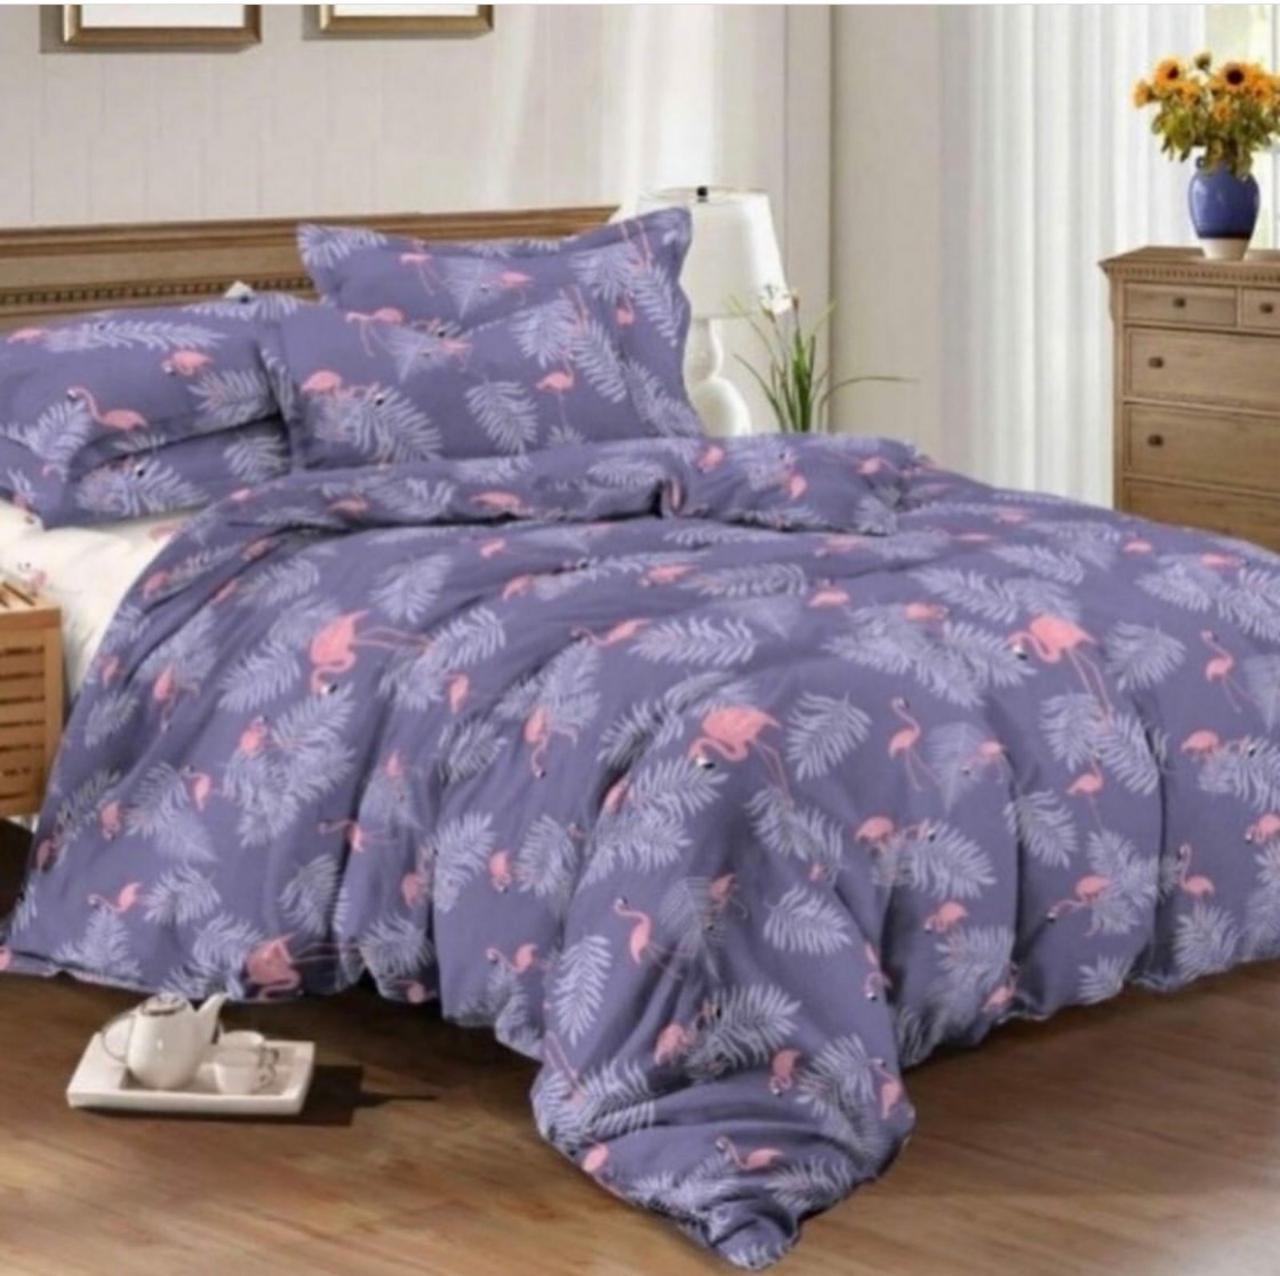 Постельное белье 1.5 спальное  фламинго